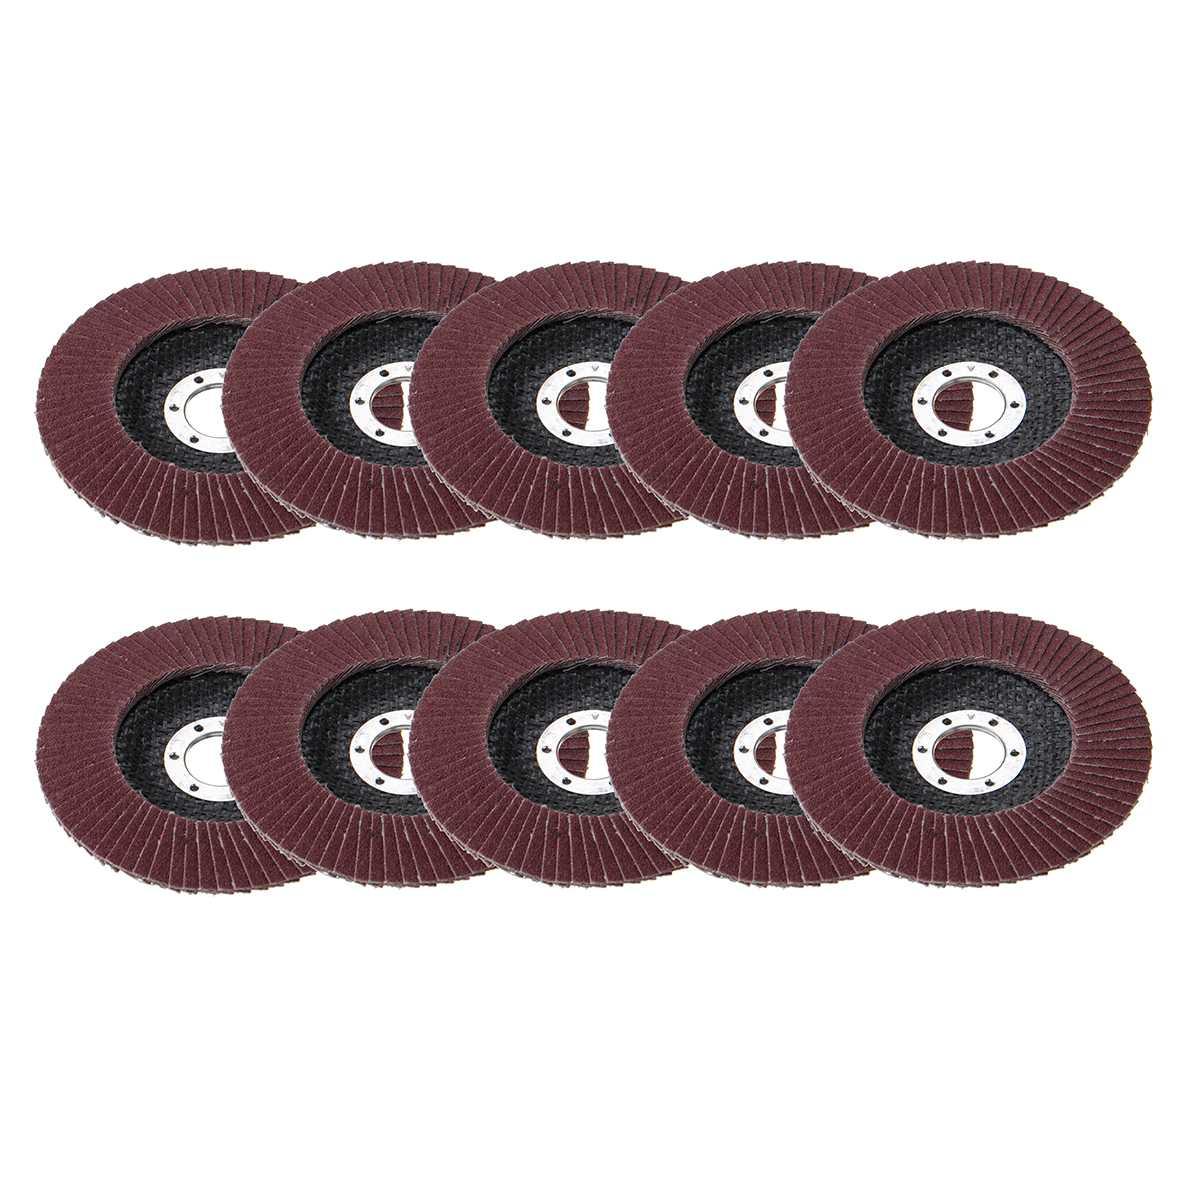 10pcs Sanding Flap Discs 115mm 125mm 40/60/80/120 Grit Metal Sanding Flap Discs Angle Grinder Wheels